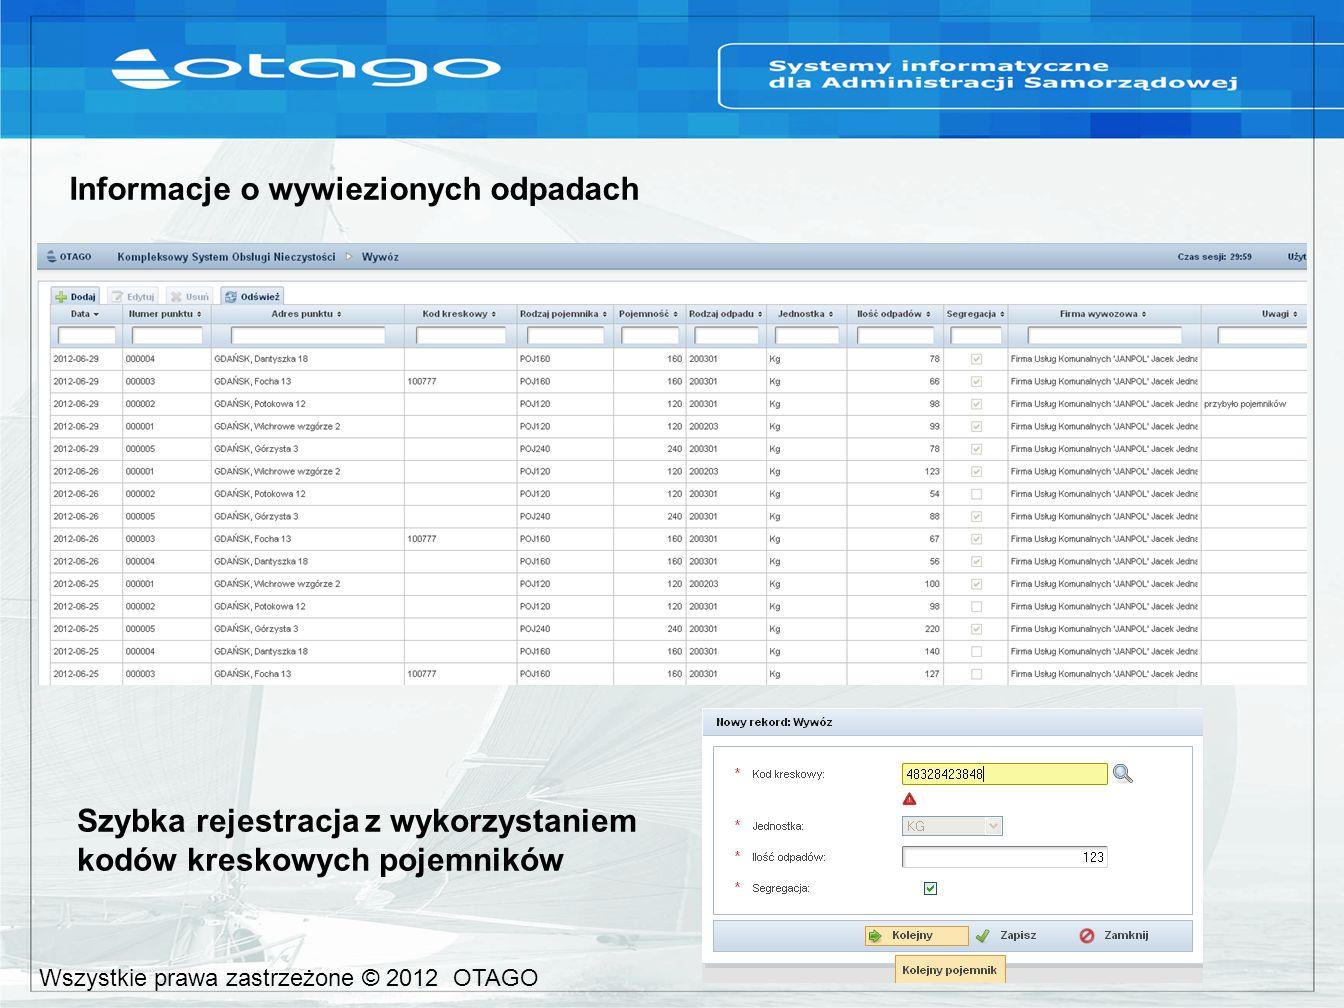 Informacje o wywiezionych odpadach Szybka rejestracja z wykorzystaniem kodów kreskowych pojemników Wszystkie prawa zastrzeżone © 2012 OTAGO